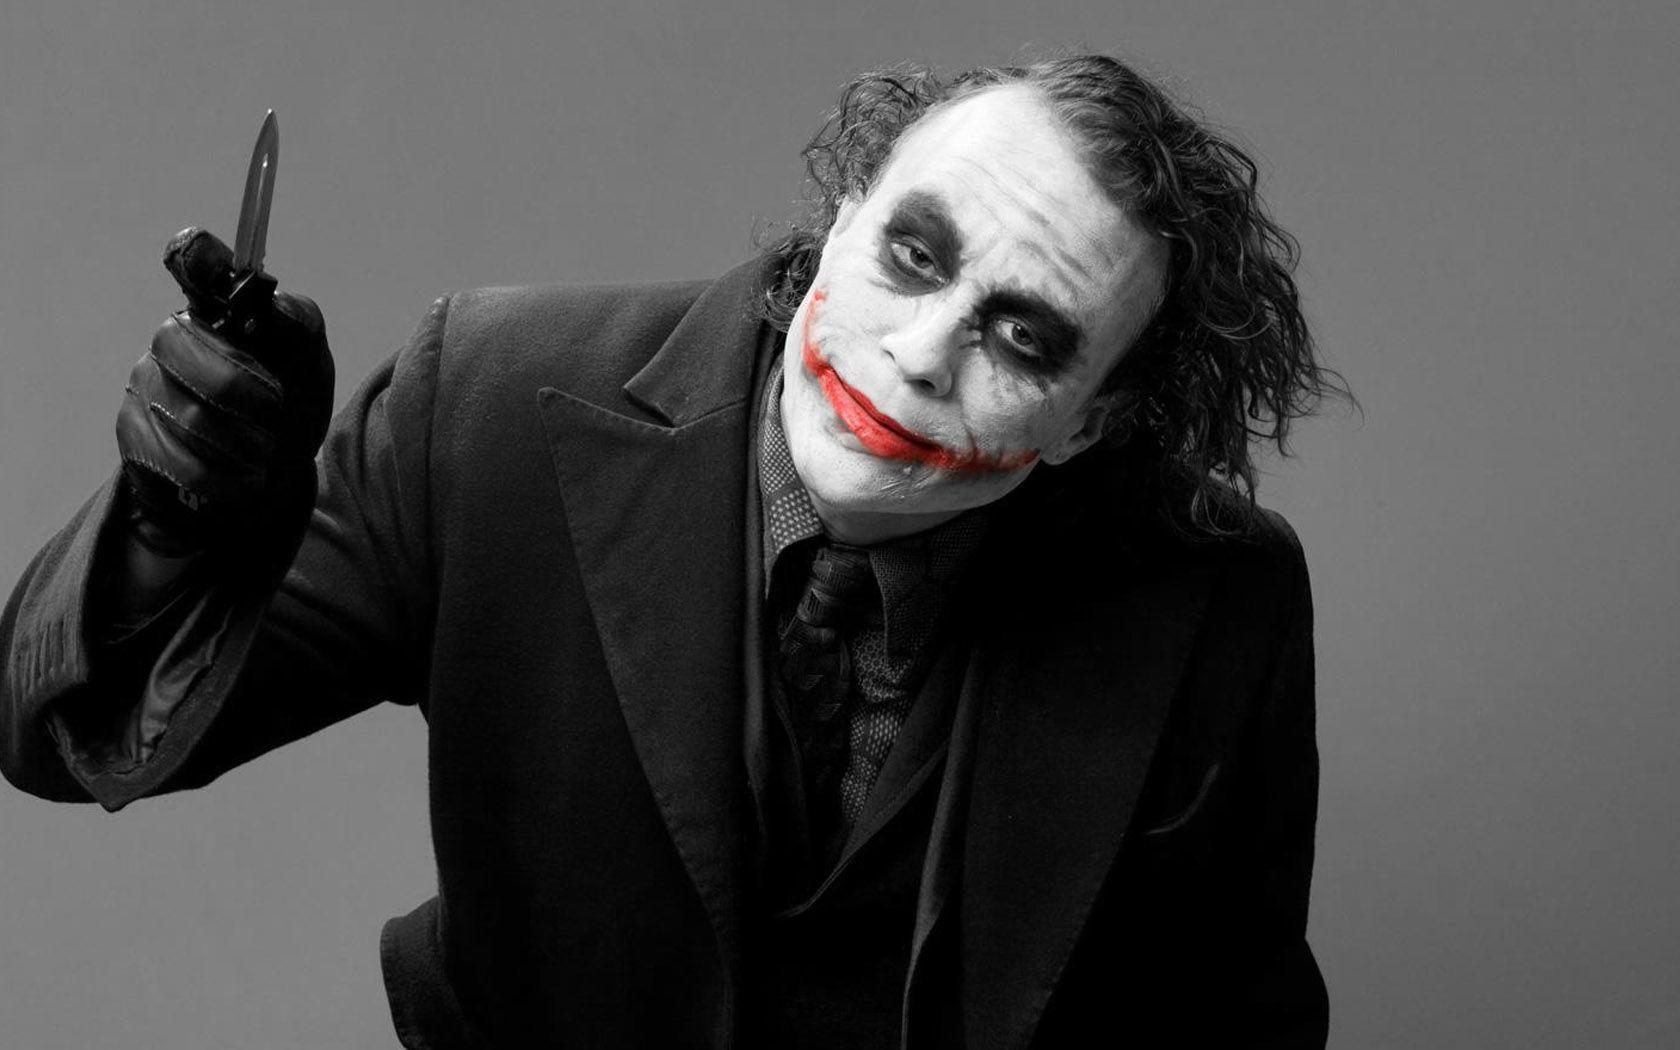 Joker karakterinin solo filmi çekilecek